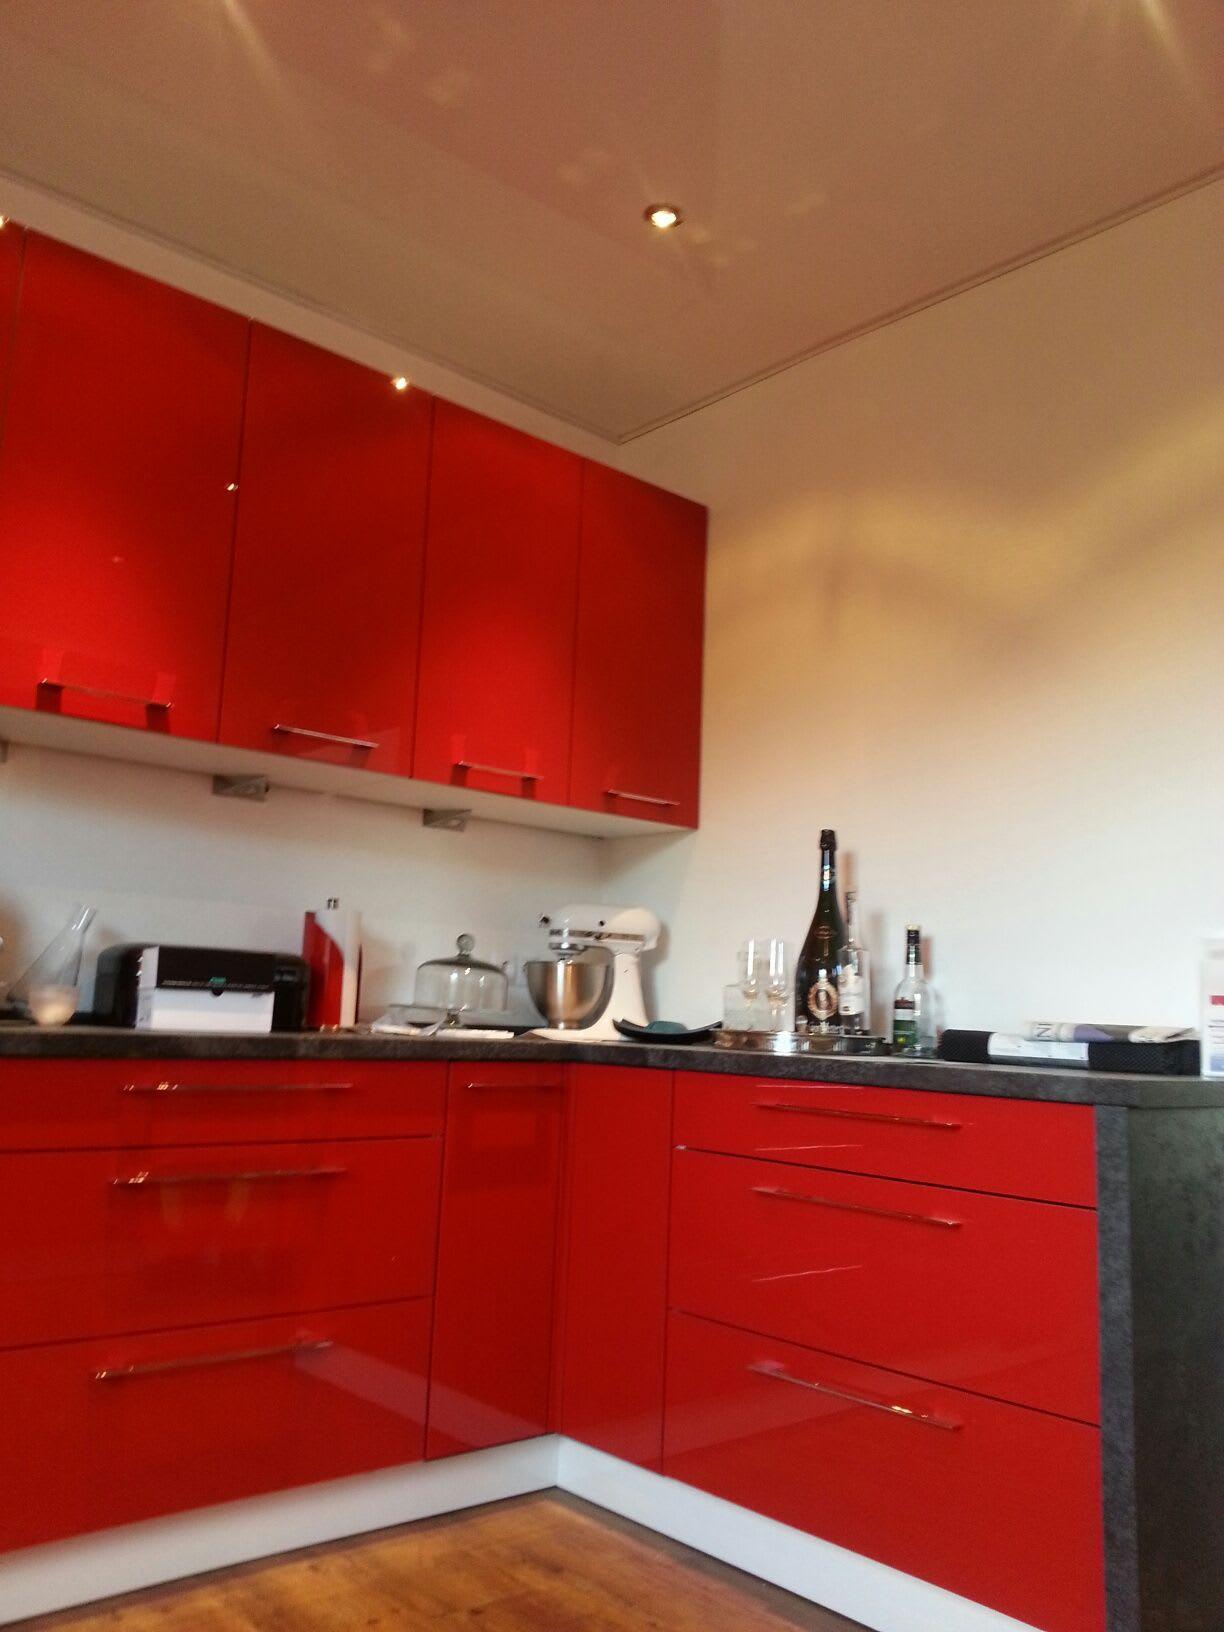 Küche rot weiße Hochglanzspanndecke